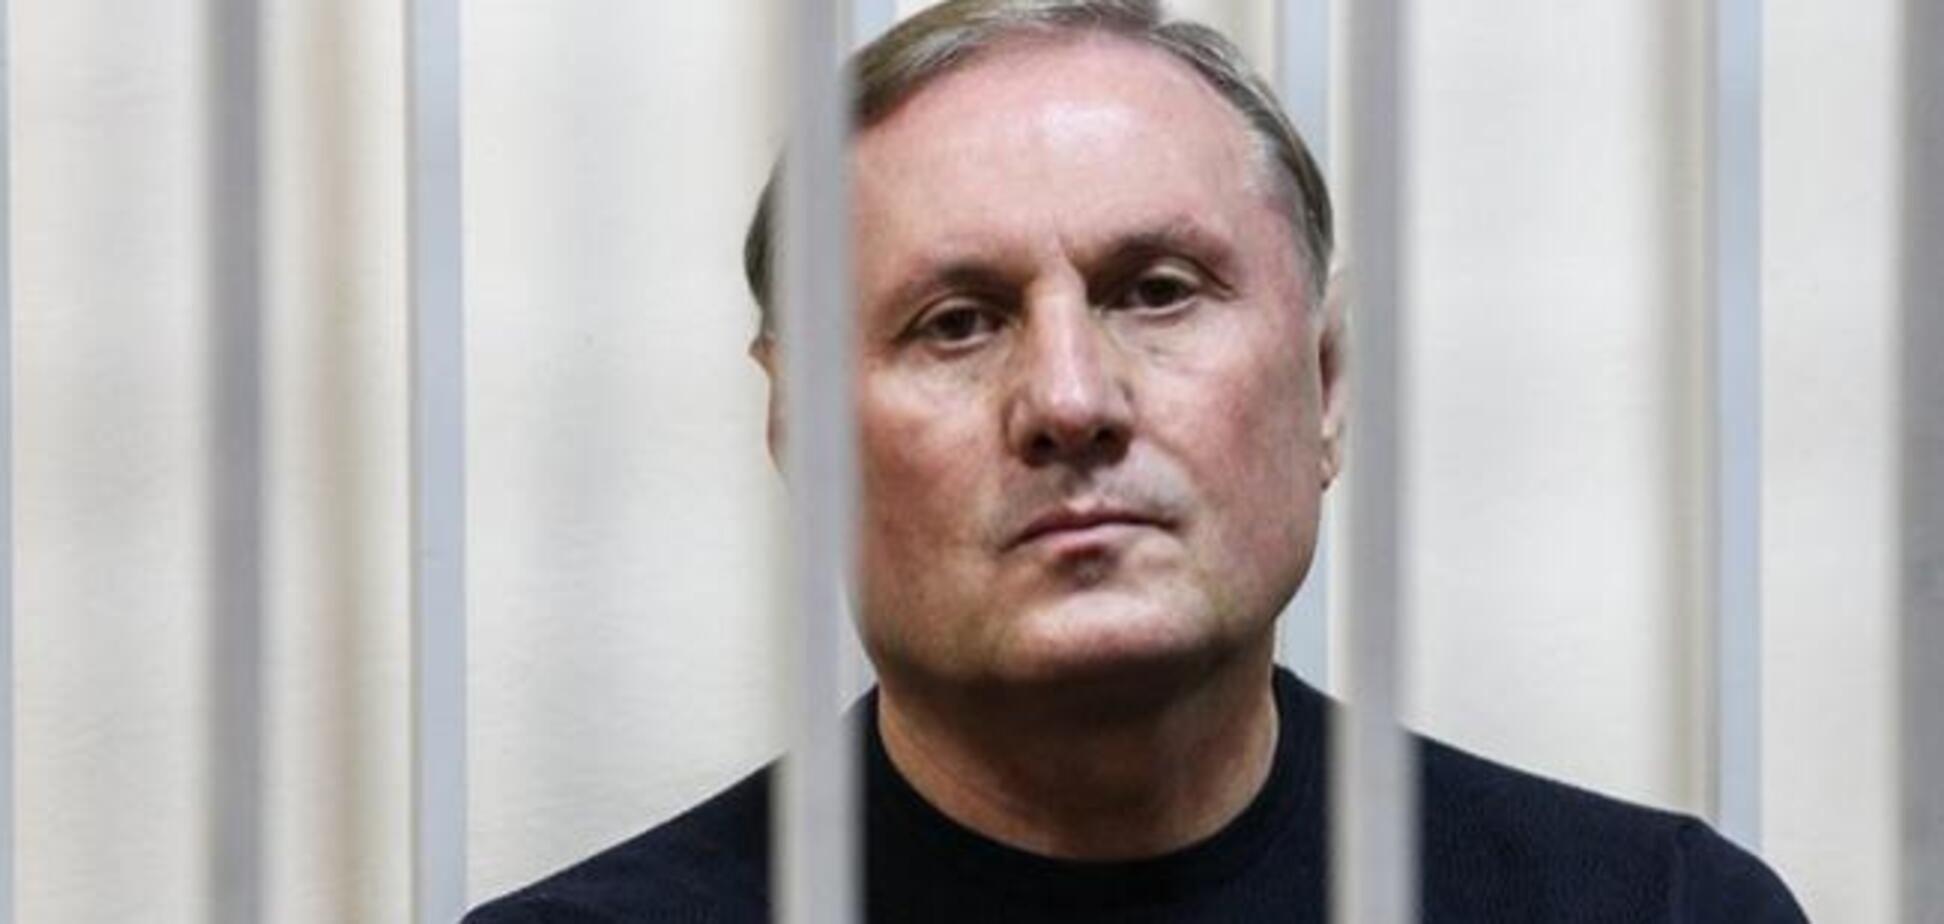 'Може втекти': у Єфремова знайшли 33 млн на зарубіжних рахунках